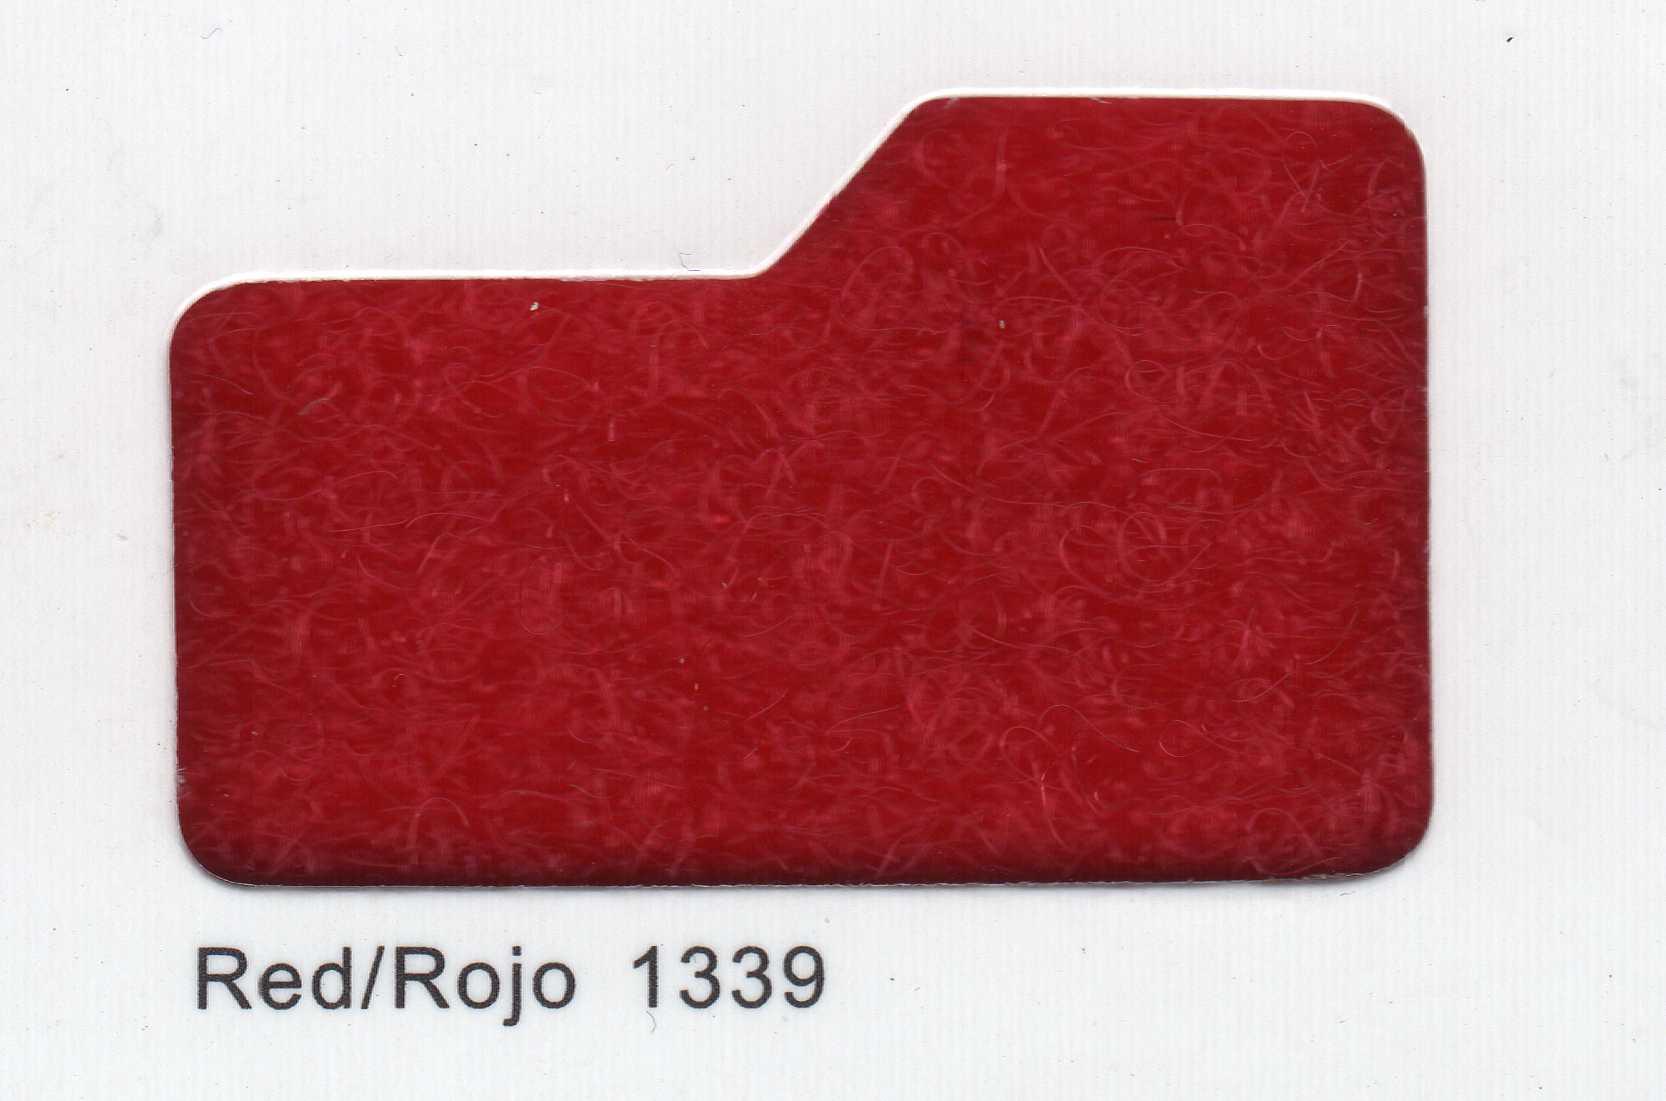 Cinta de cierre Velcro-Veraco 38mm Rojo 1339 (Rizo).